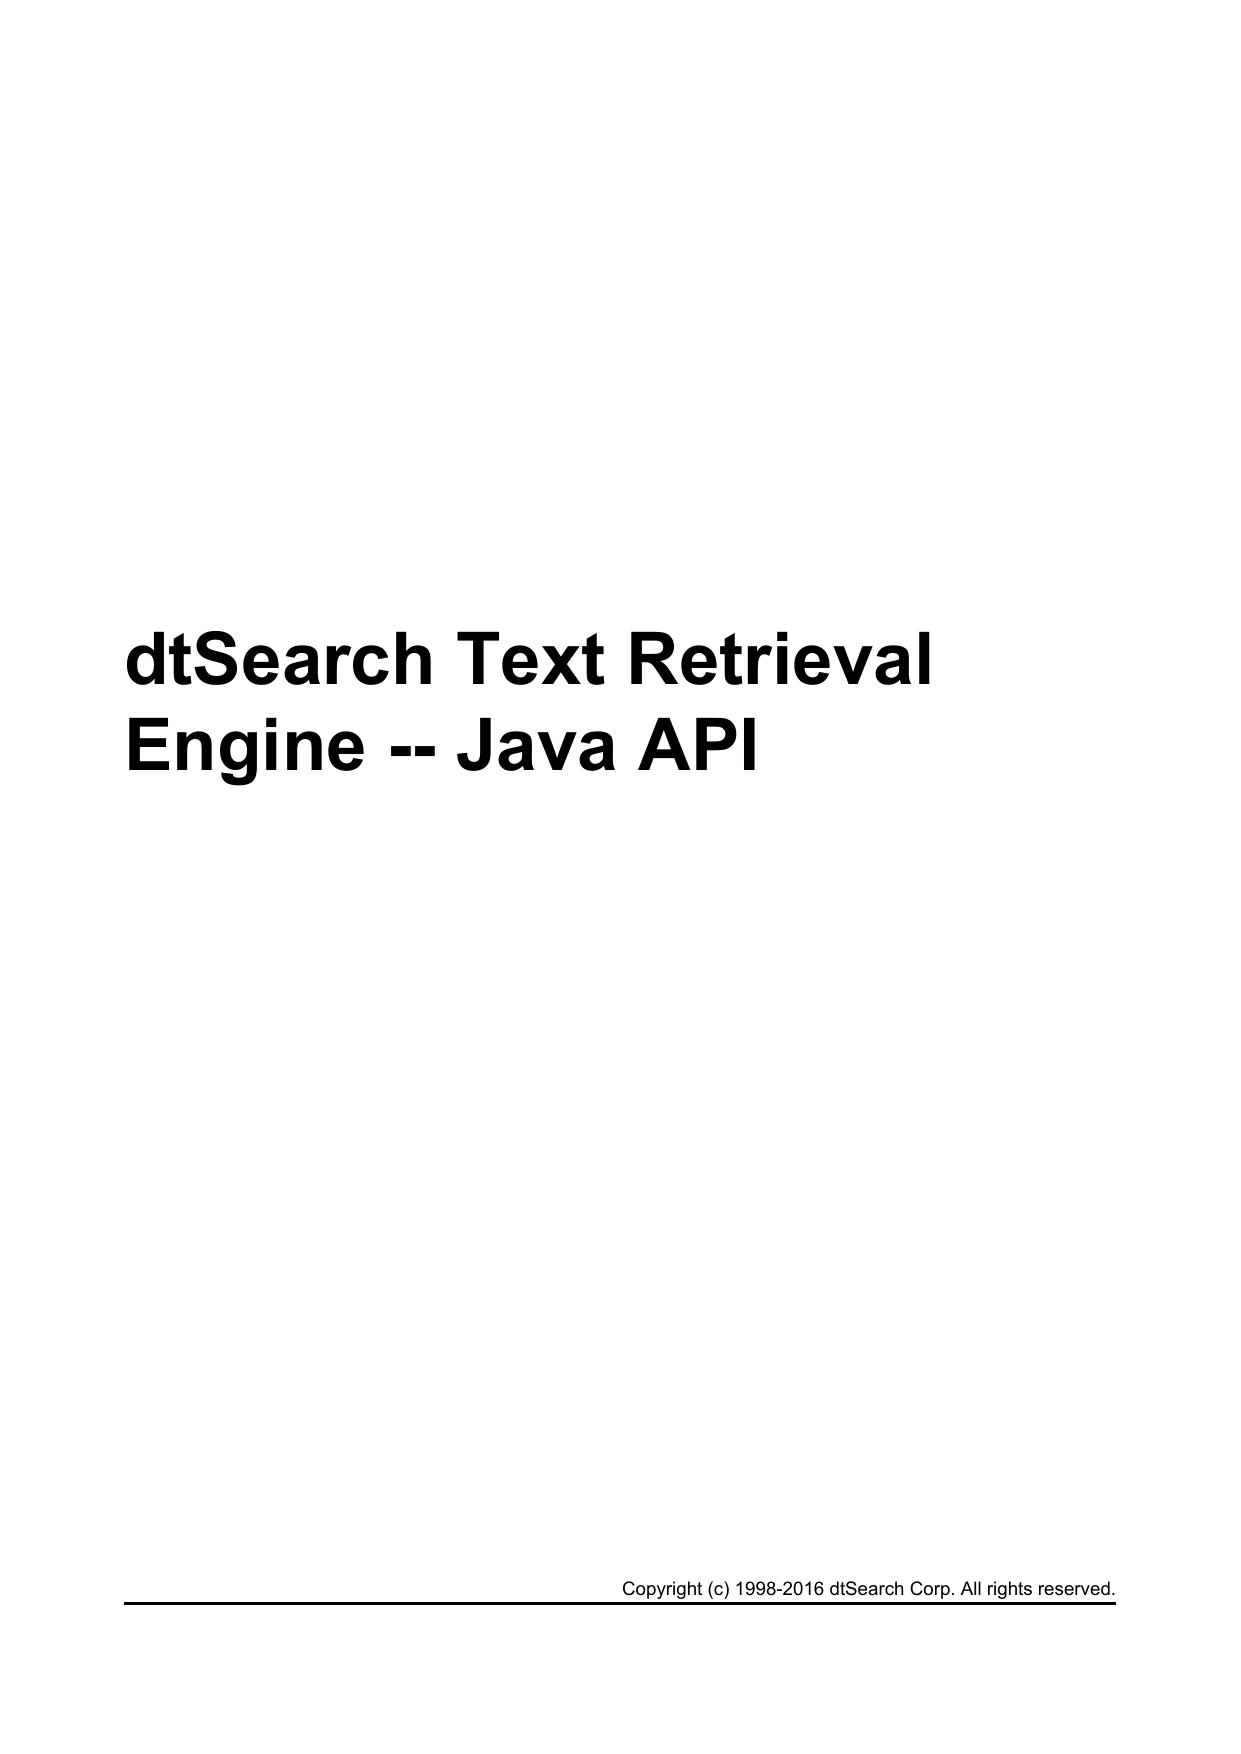 dtSearch Text Retrieval Engine -- Java API | manualzz com